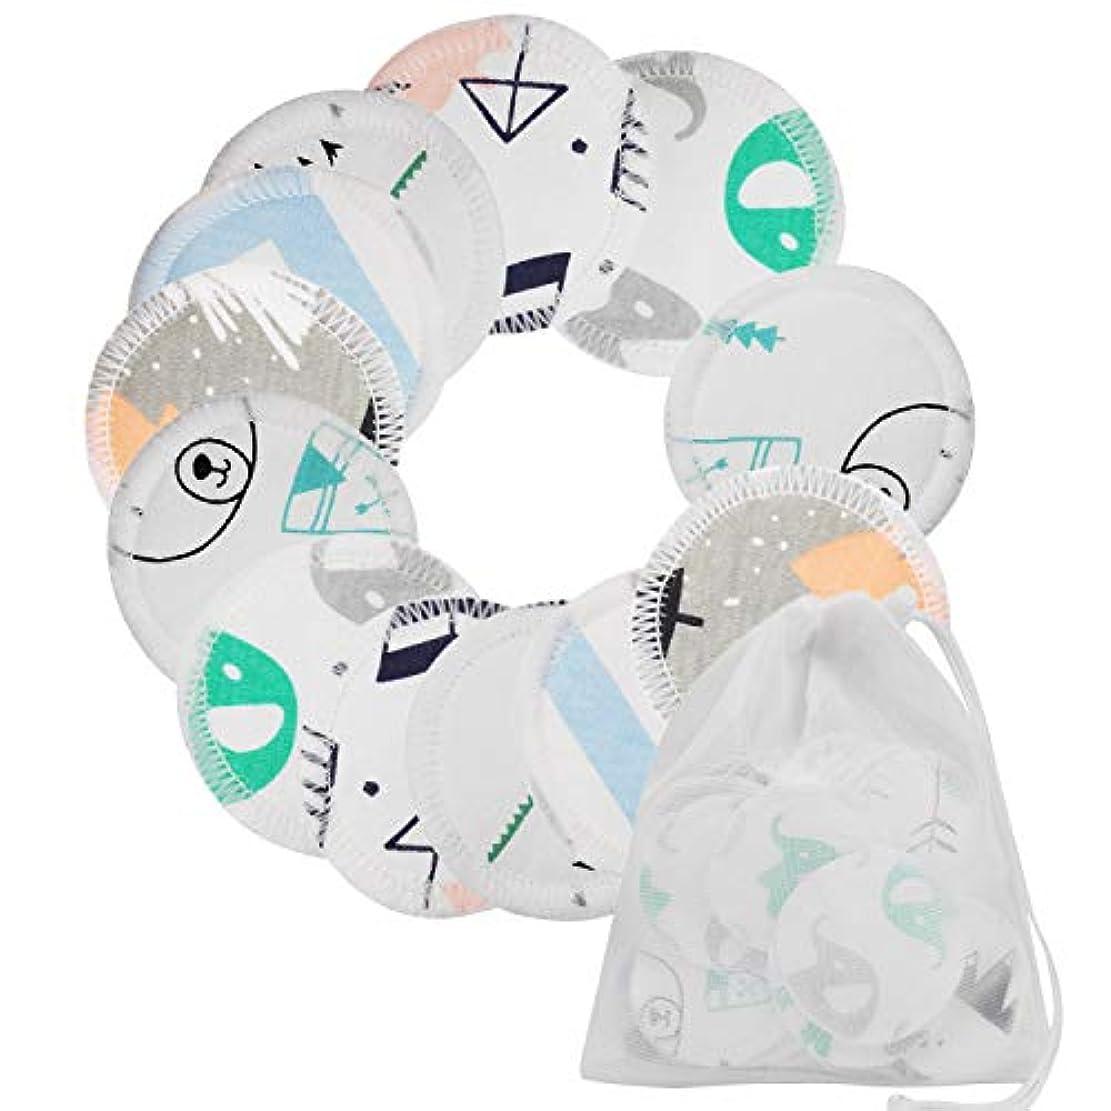 即席中傷マニア12ピース3層再利用可能な洗えるラウンドメイククレンジングリムーバーパッドランドリーバッグ用女性女の子ホーム毎日使用6.5センチ直径